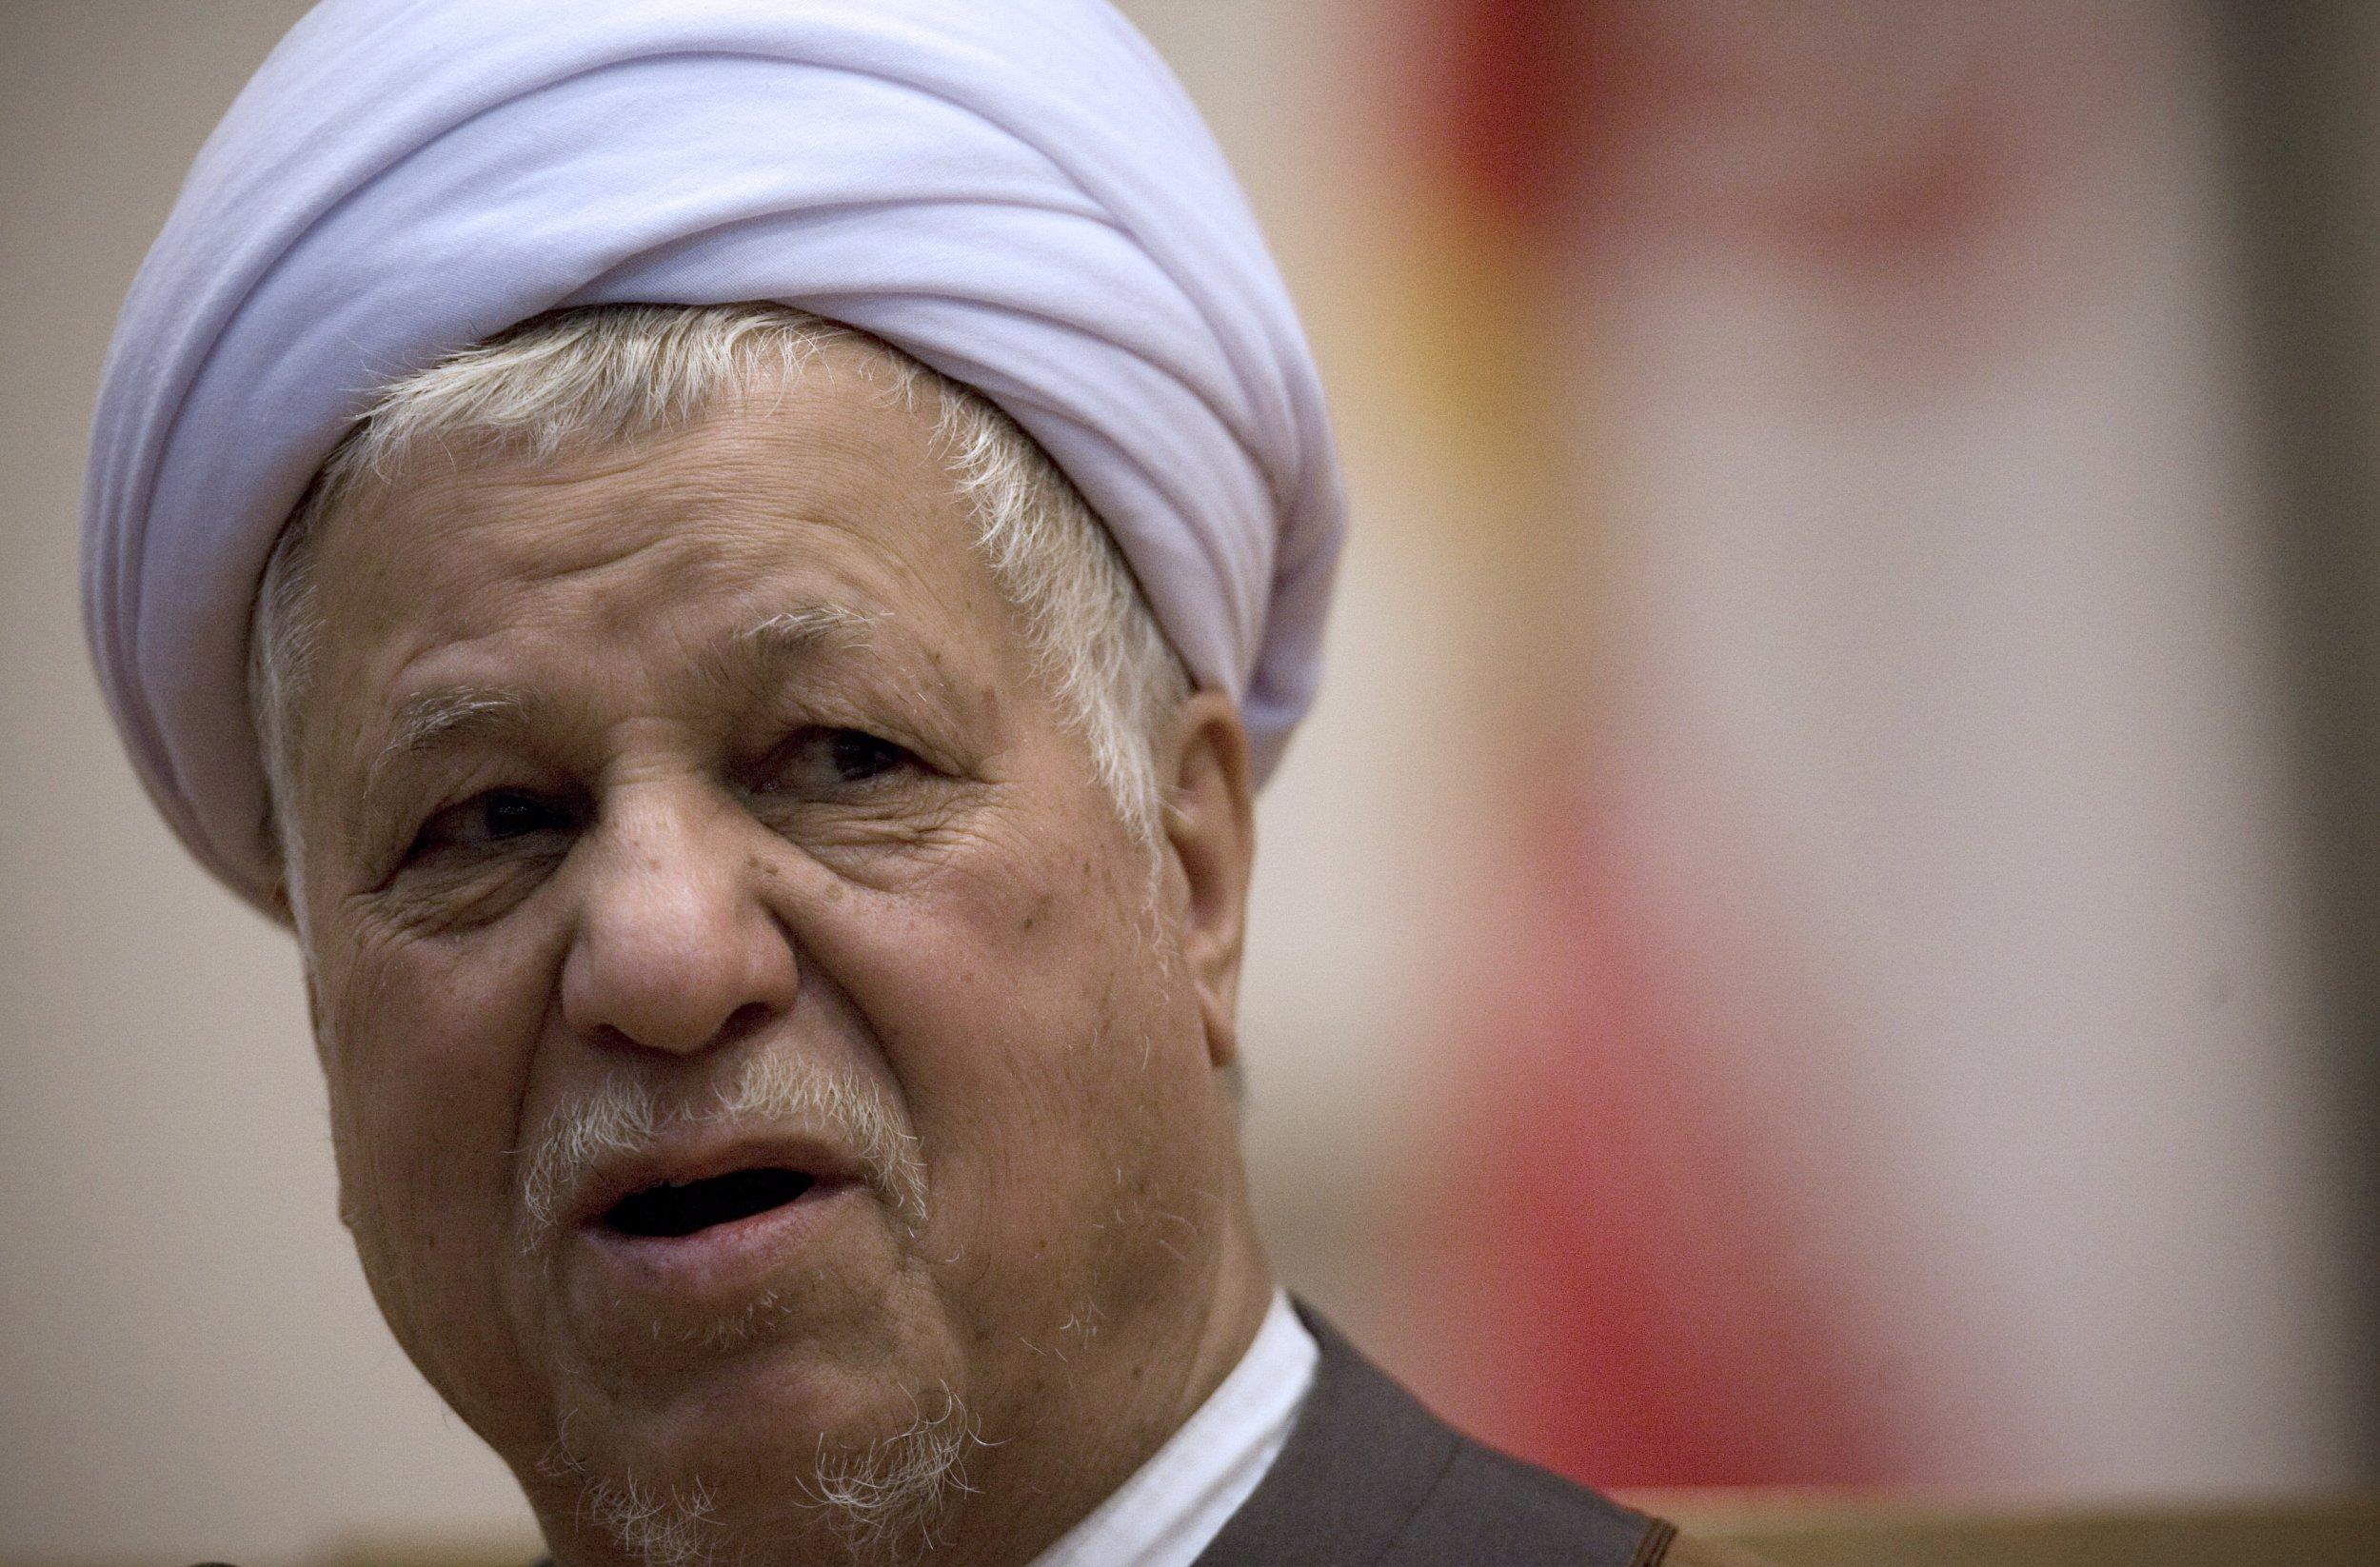 01_09_Rafsanjani_Moderate_01